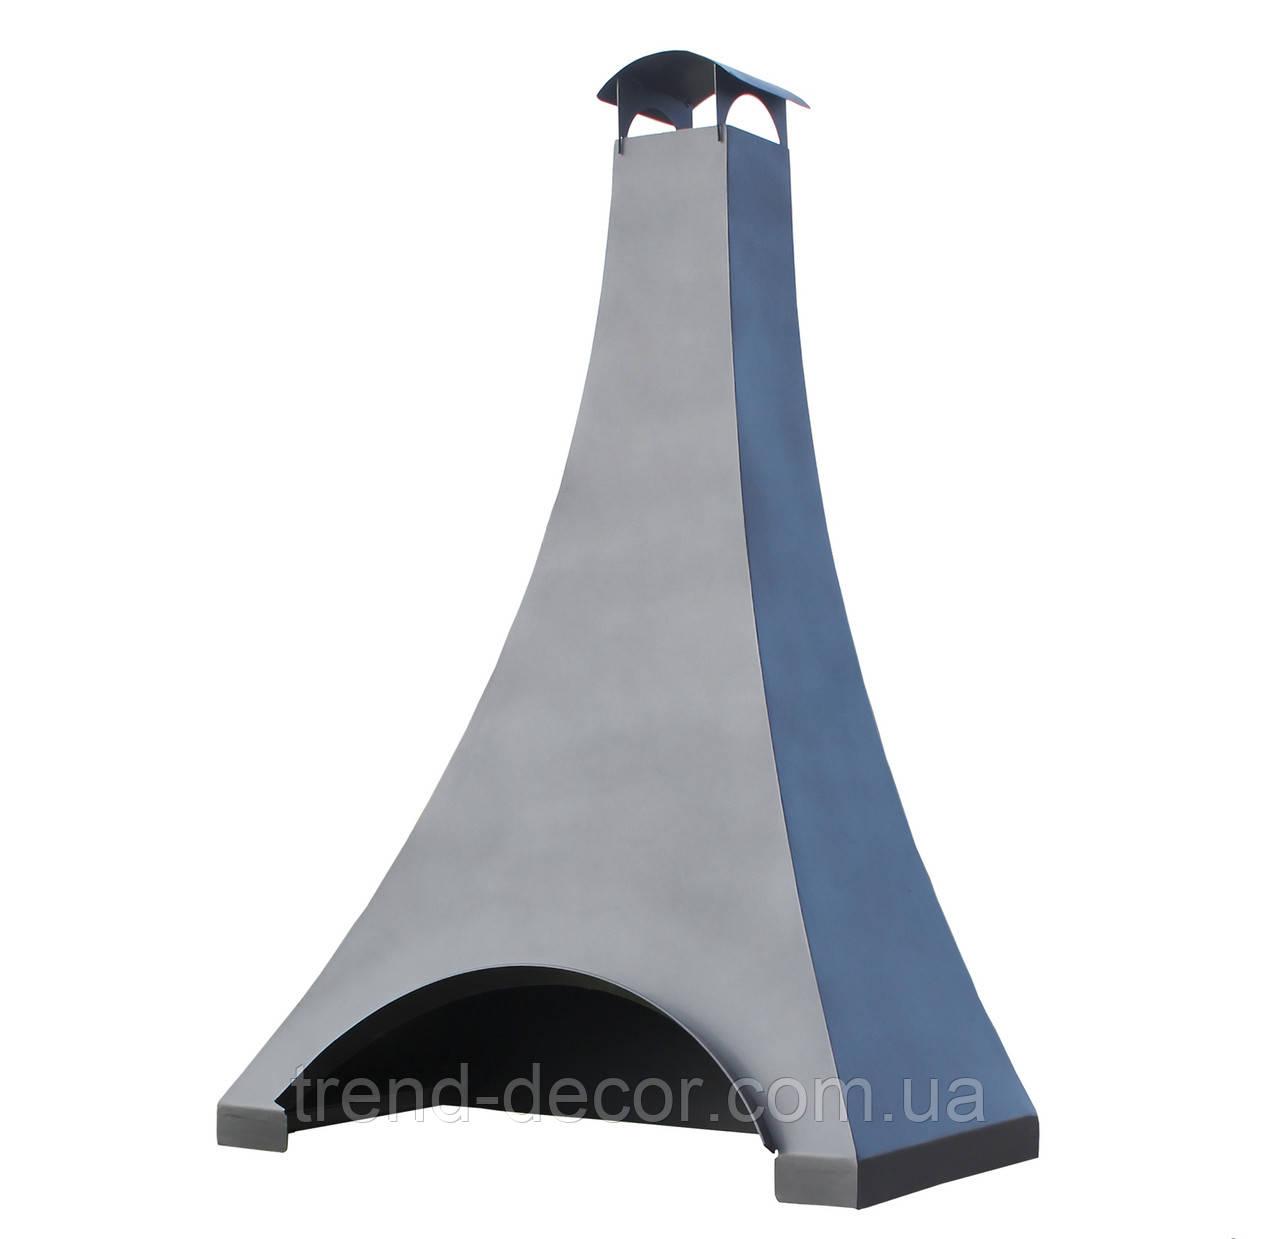 Крыша для мангала  MК 66